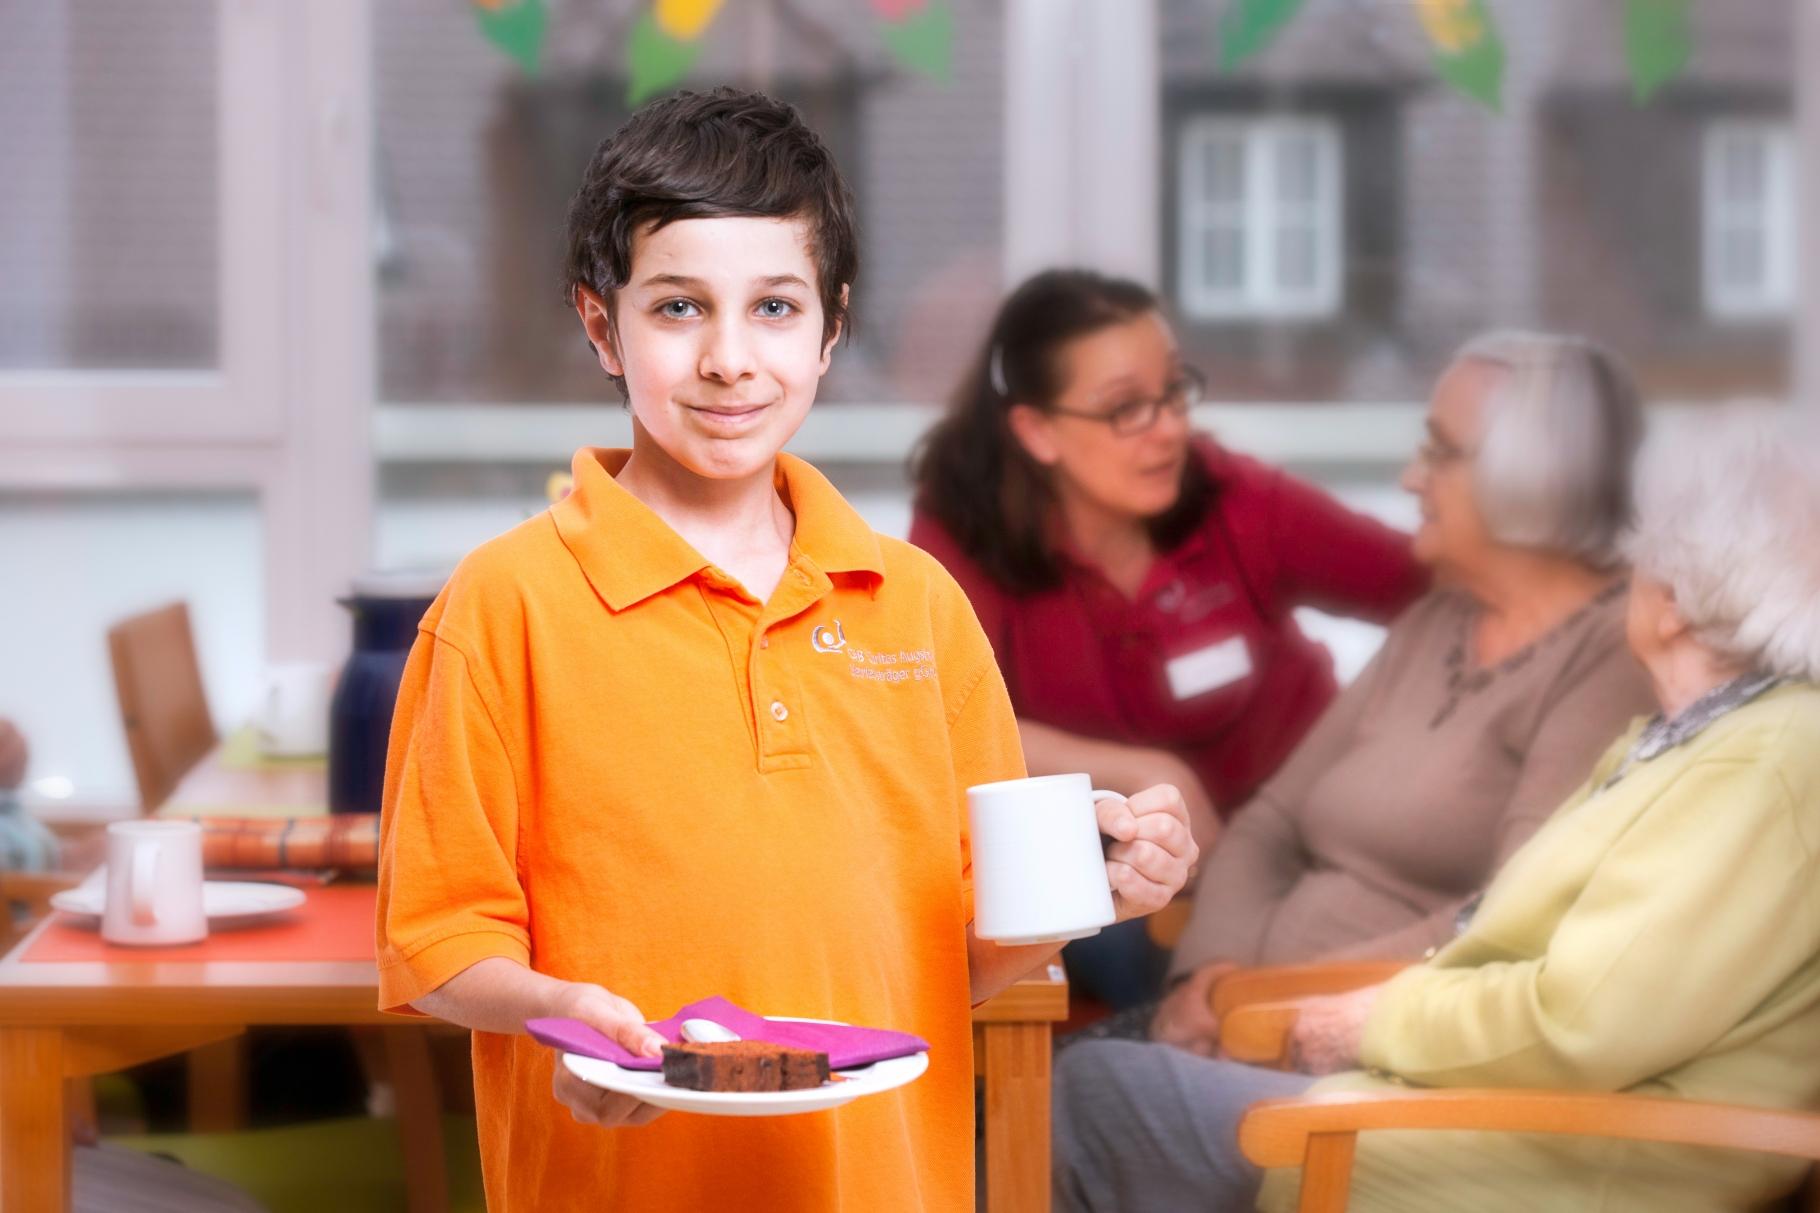 Gianluca bei seinem Einsatz im Seniorenheim - Foto: Christina Bleier - Freiwilligen-Zentrum Augsburg